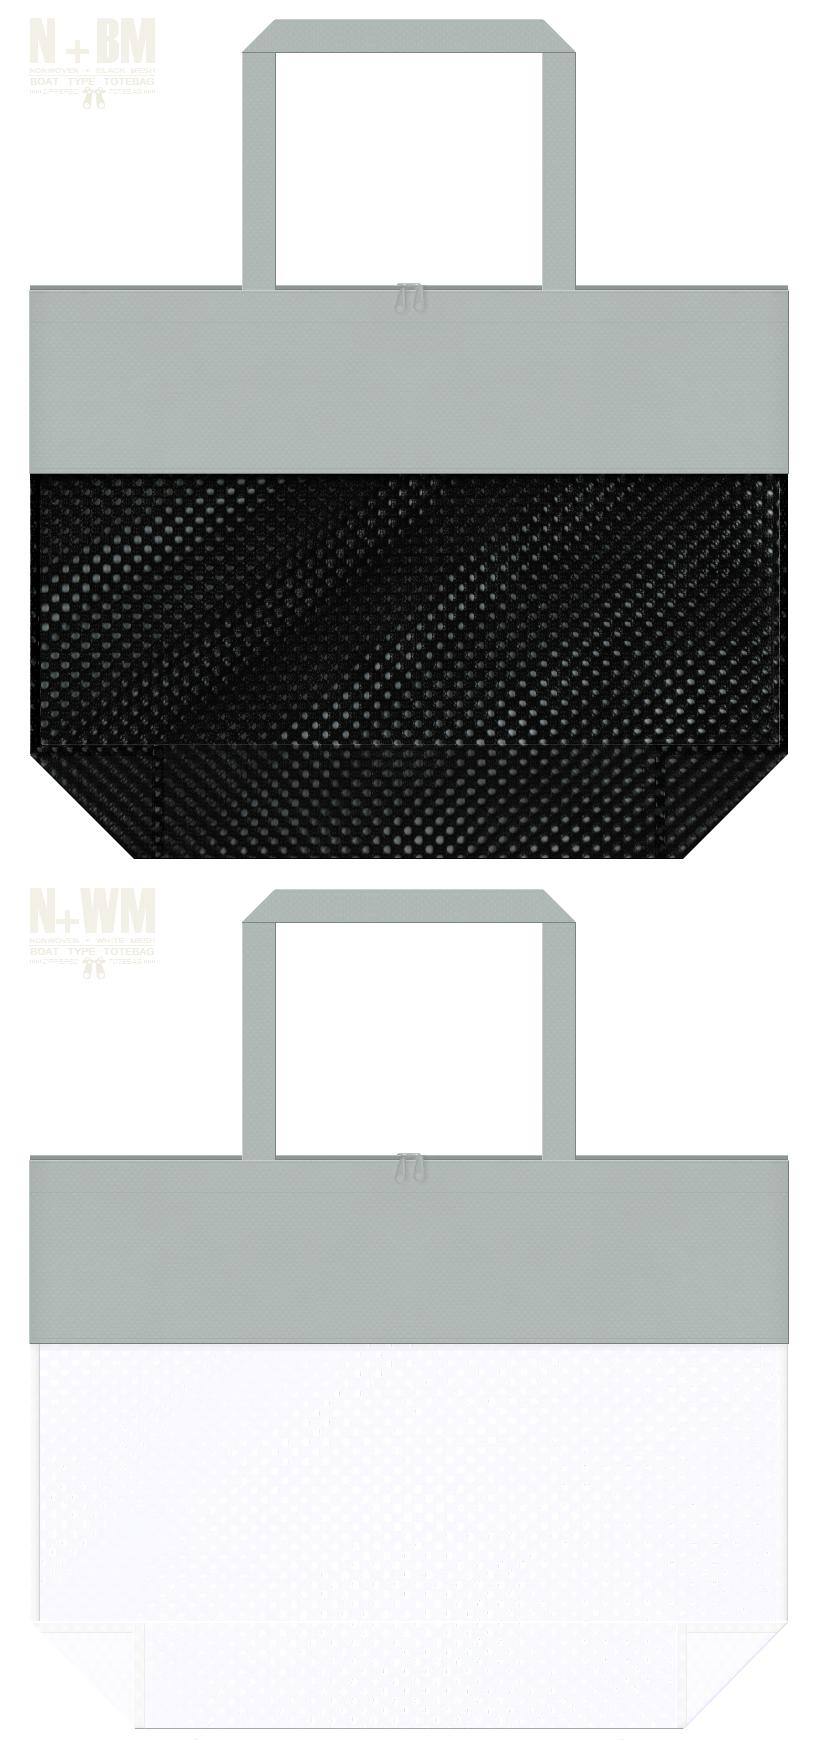 台形型メッシュバッグのカラーシミュレーション:黒色・白色メッシュとグレー色不織布の組み合わせ